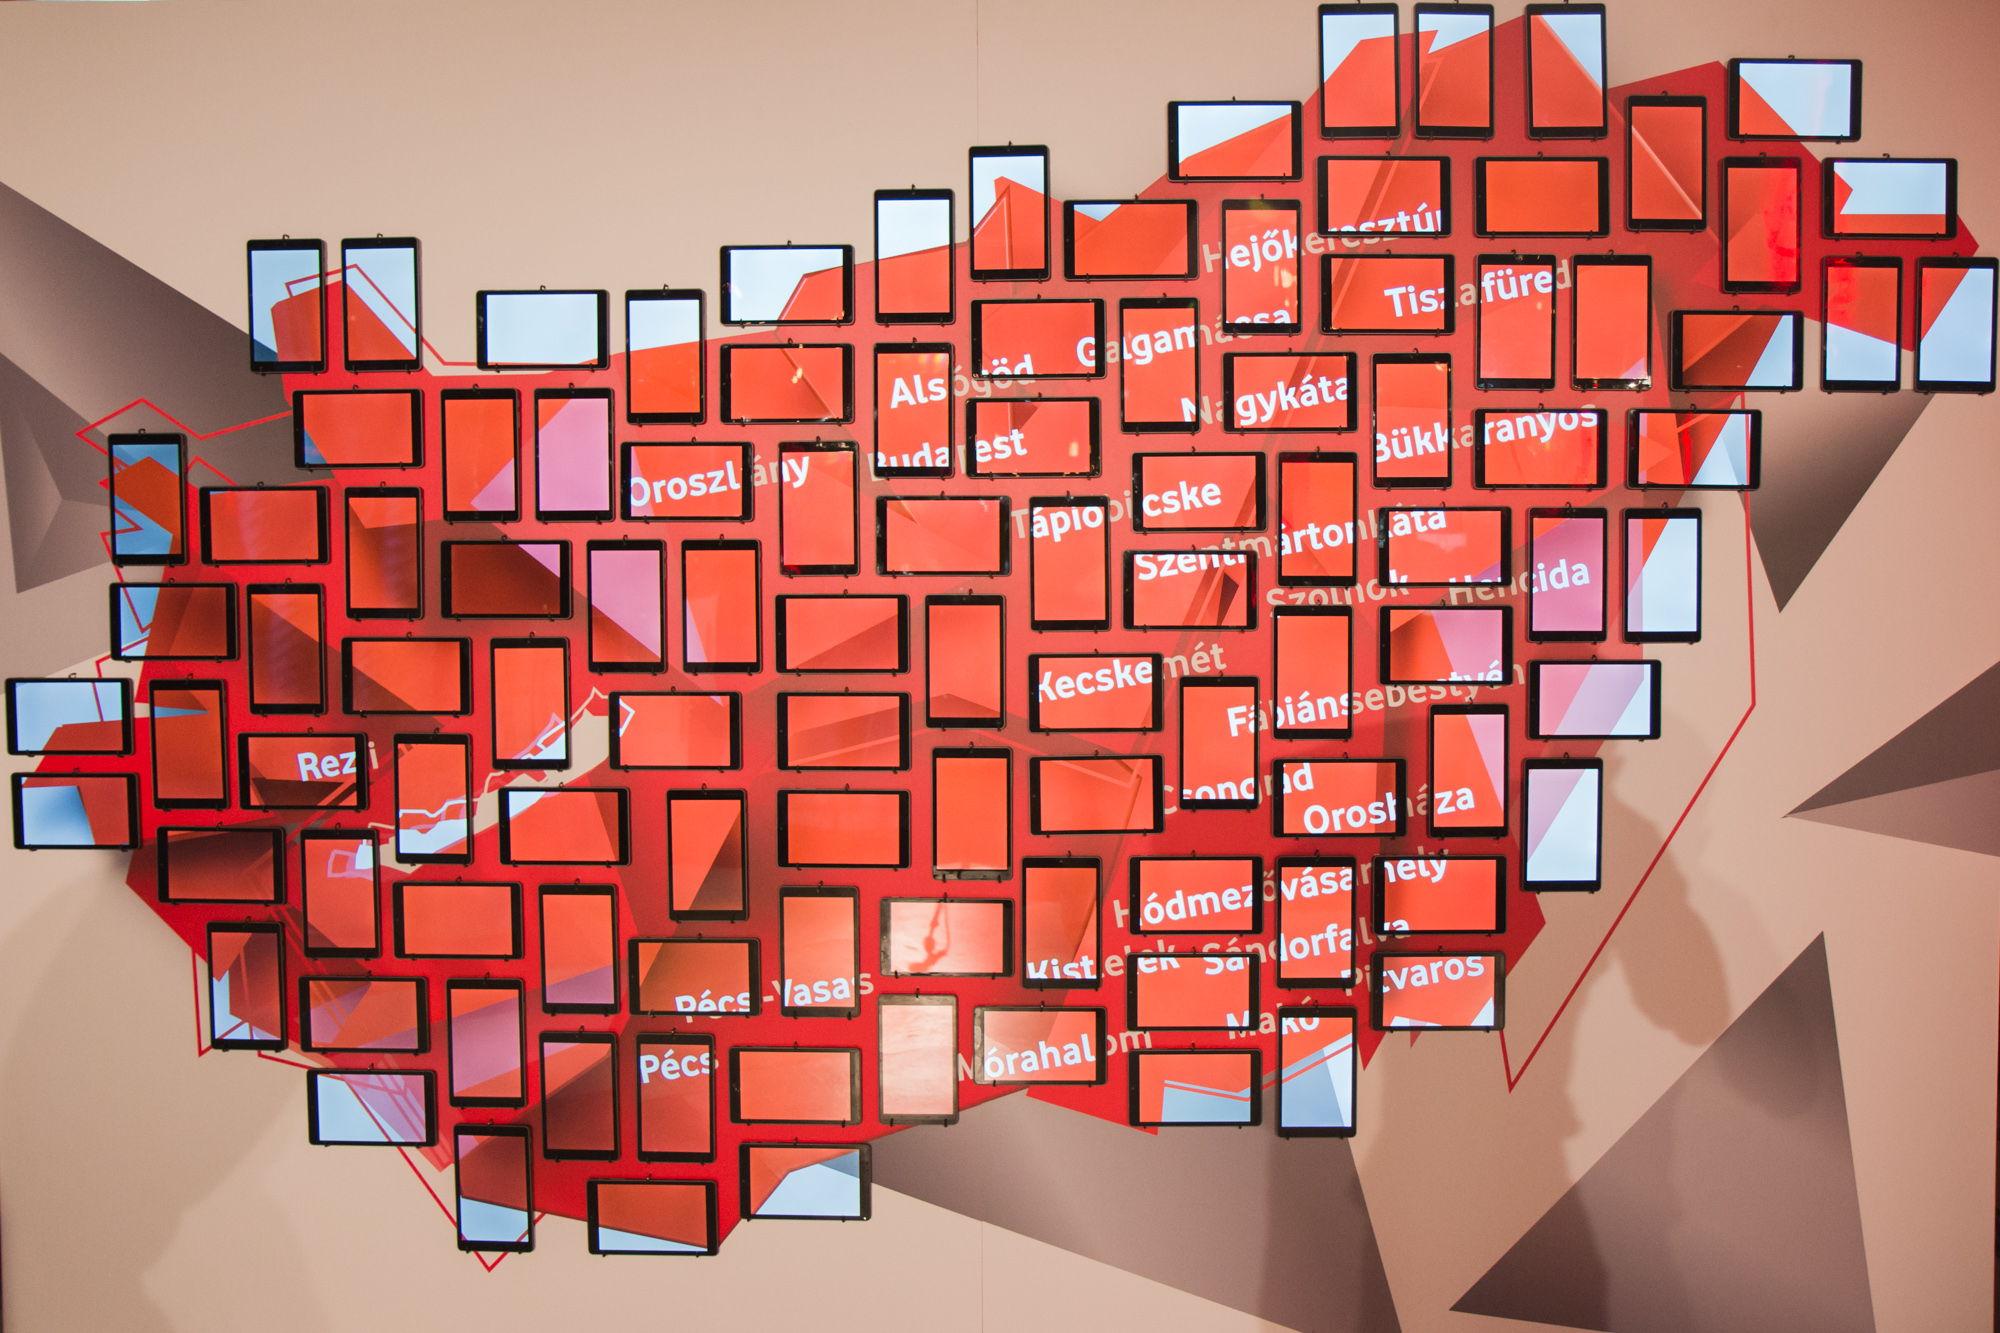 Több mint 6 ezer diák a Vodafone Digitális Iskolában